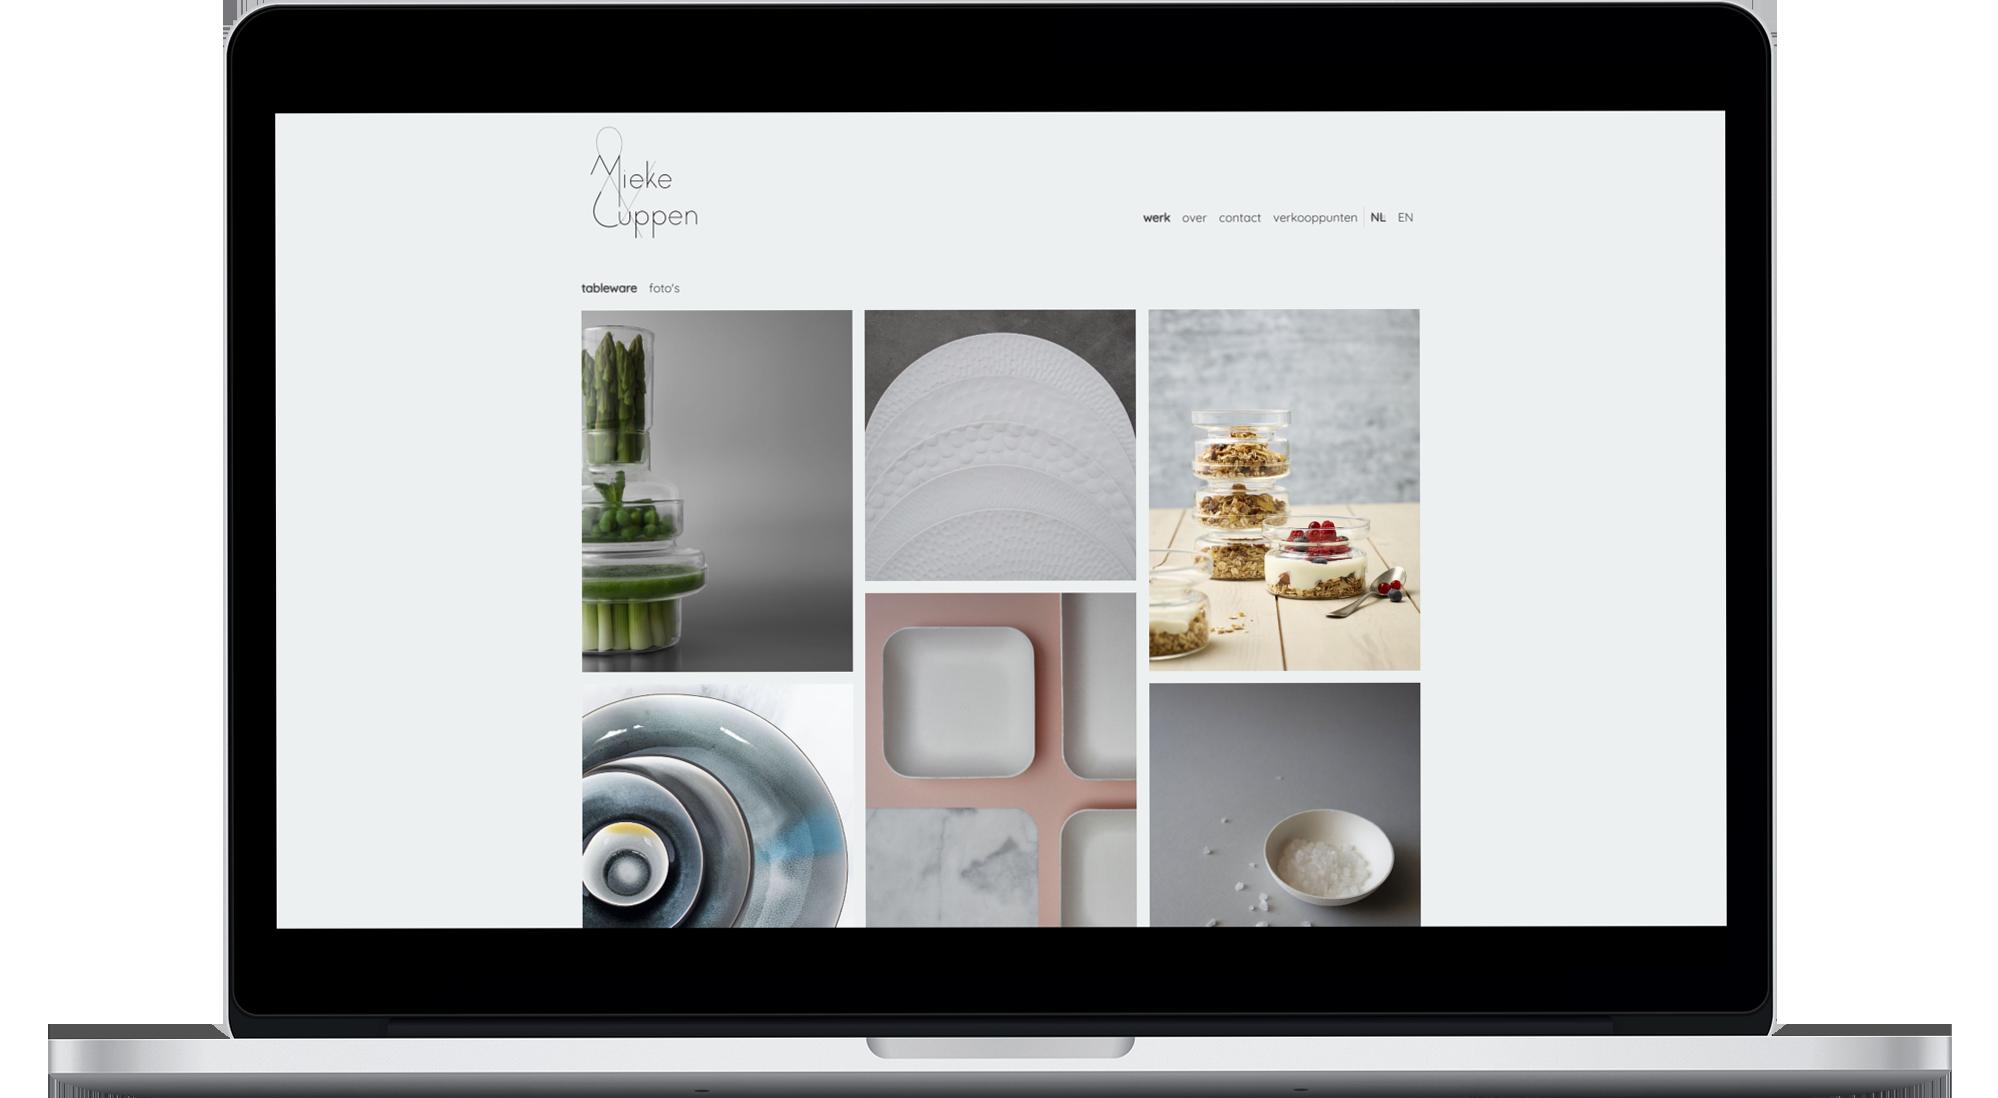 Mieke Cuppen op desktop